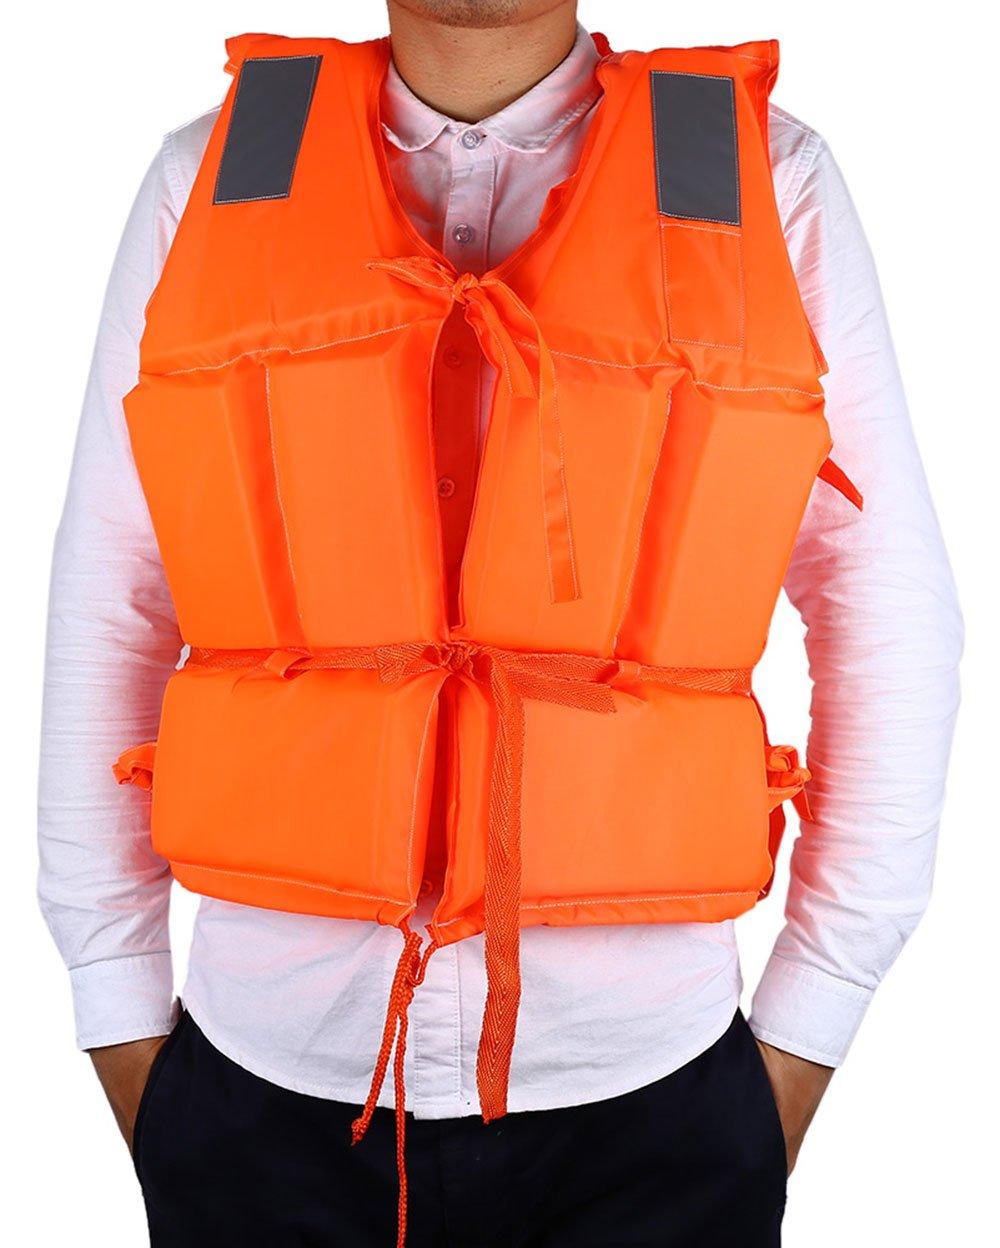 【メール便不可】 Ezyoutdoorオレンジジャケットベスト軽量多機能Foam反射Foam水泳ライフジャケットベスト+ Lifesaving for B01CCRH5RY whistle Adult for Adult B01CCRH5RY, ホウジョウチョウ:44d835c1 --- senas.4x4.lt